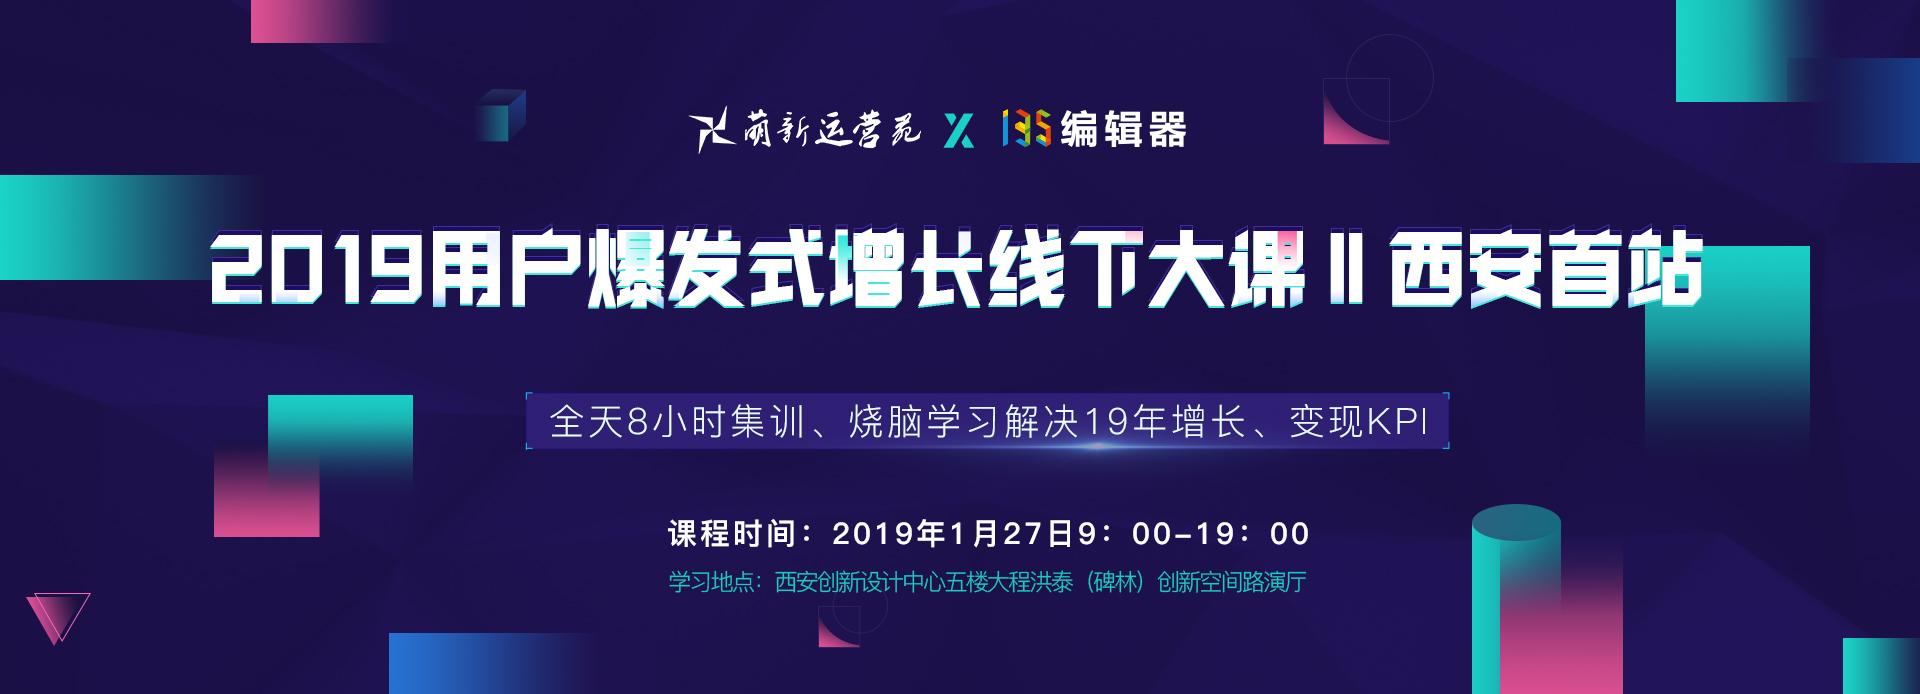 2019用户爆发式增长线下大课|西安站